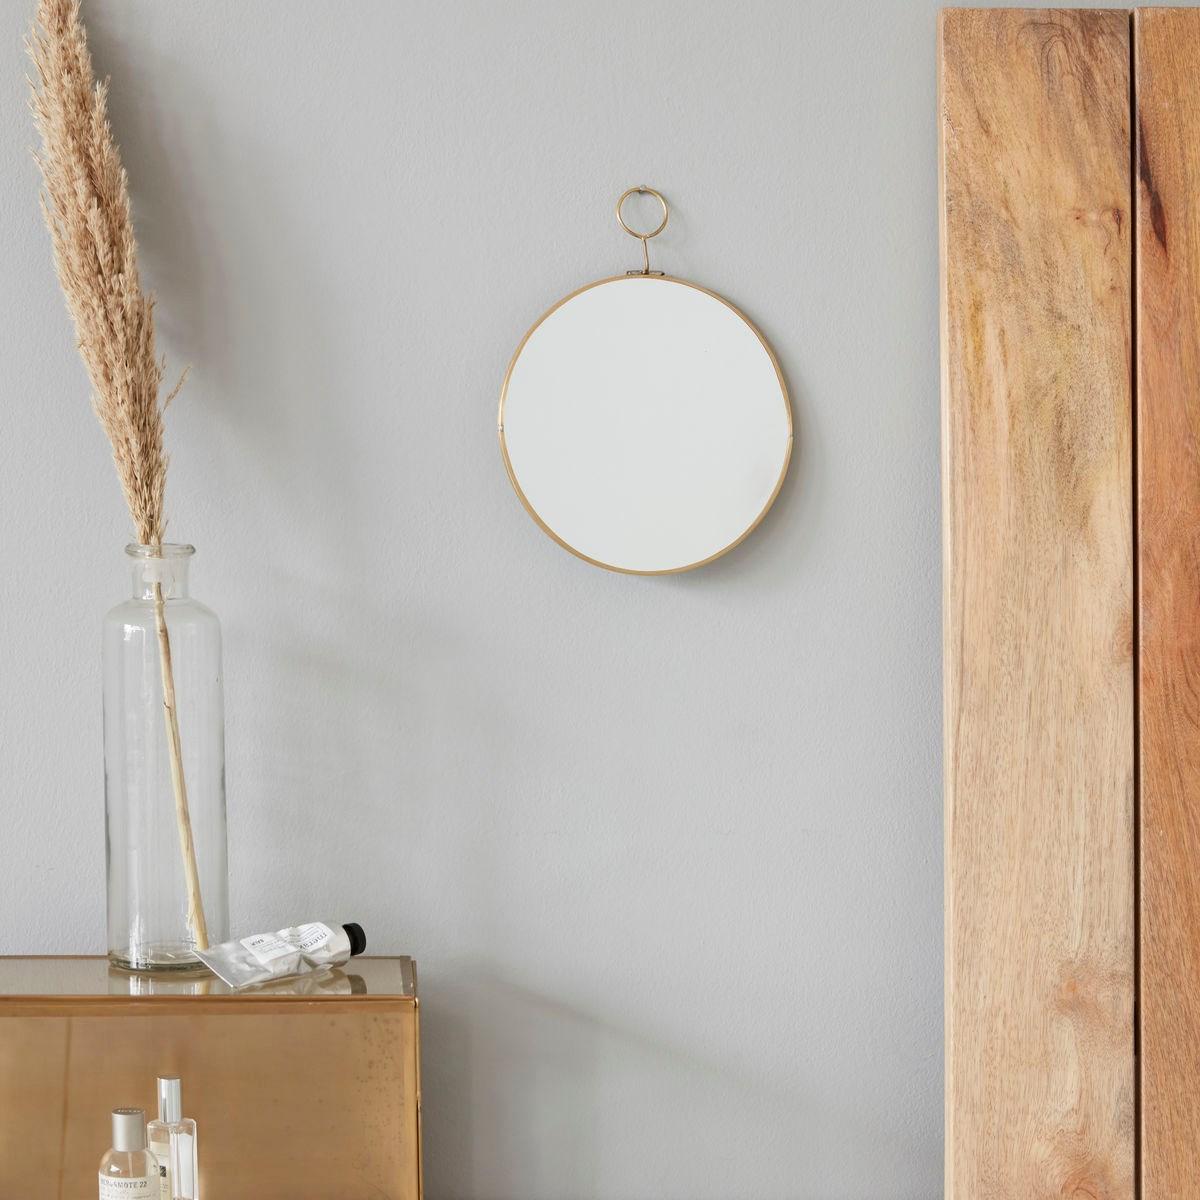 Kulaté zrcadlo LOOP 28 cm mosazné_1